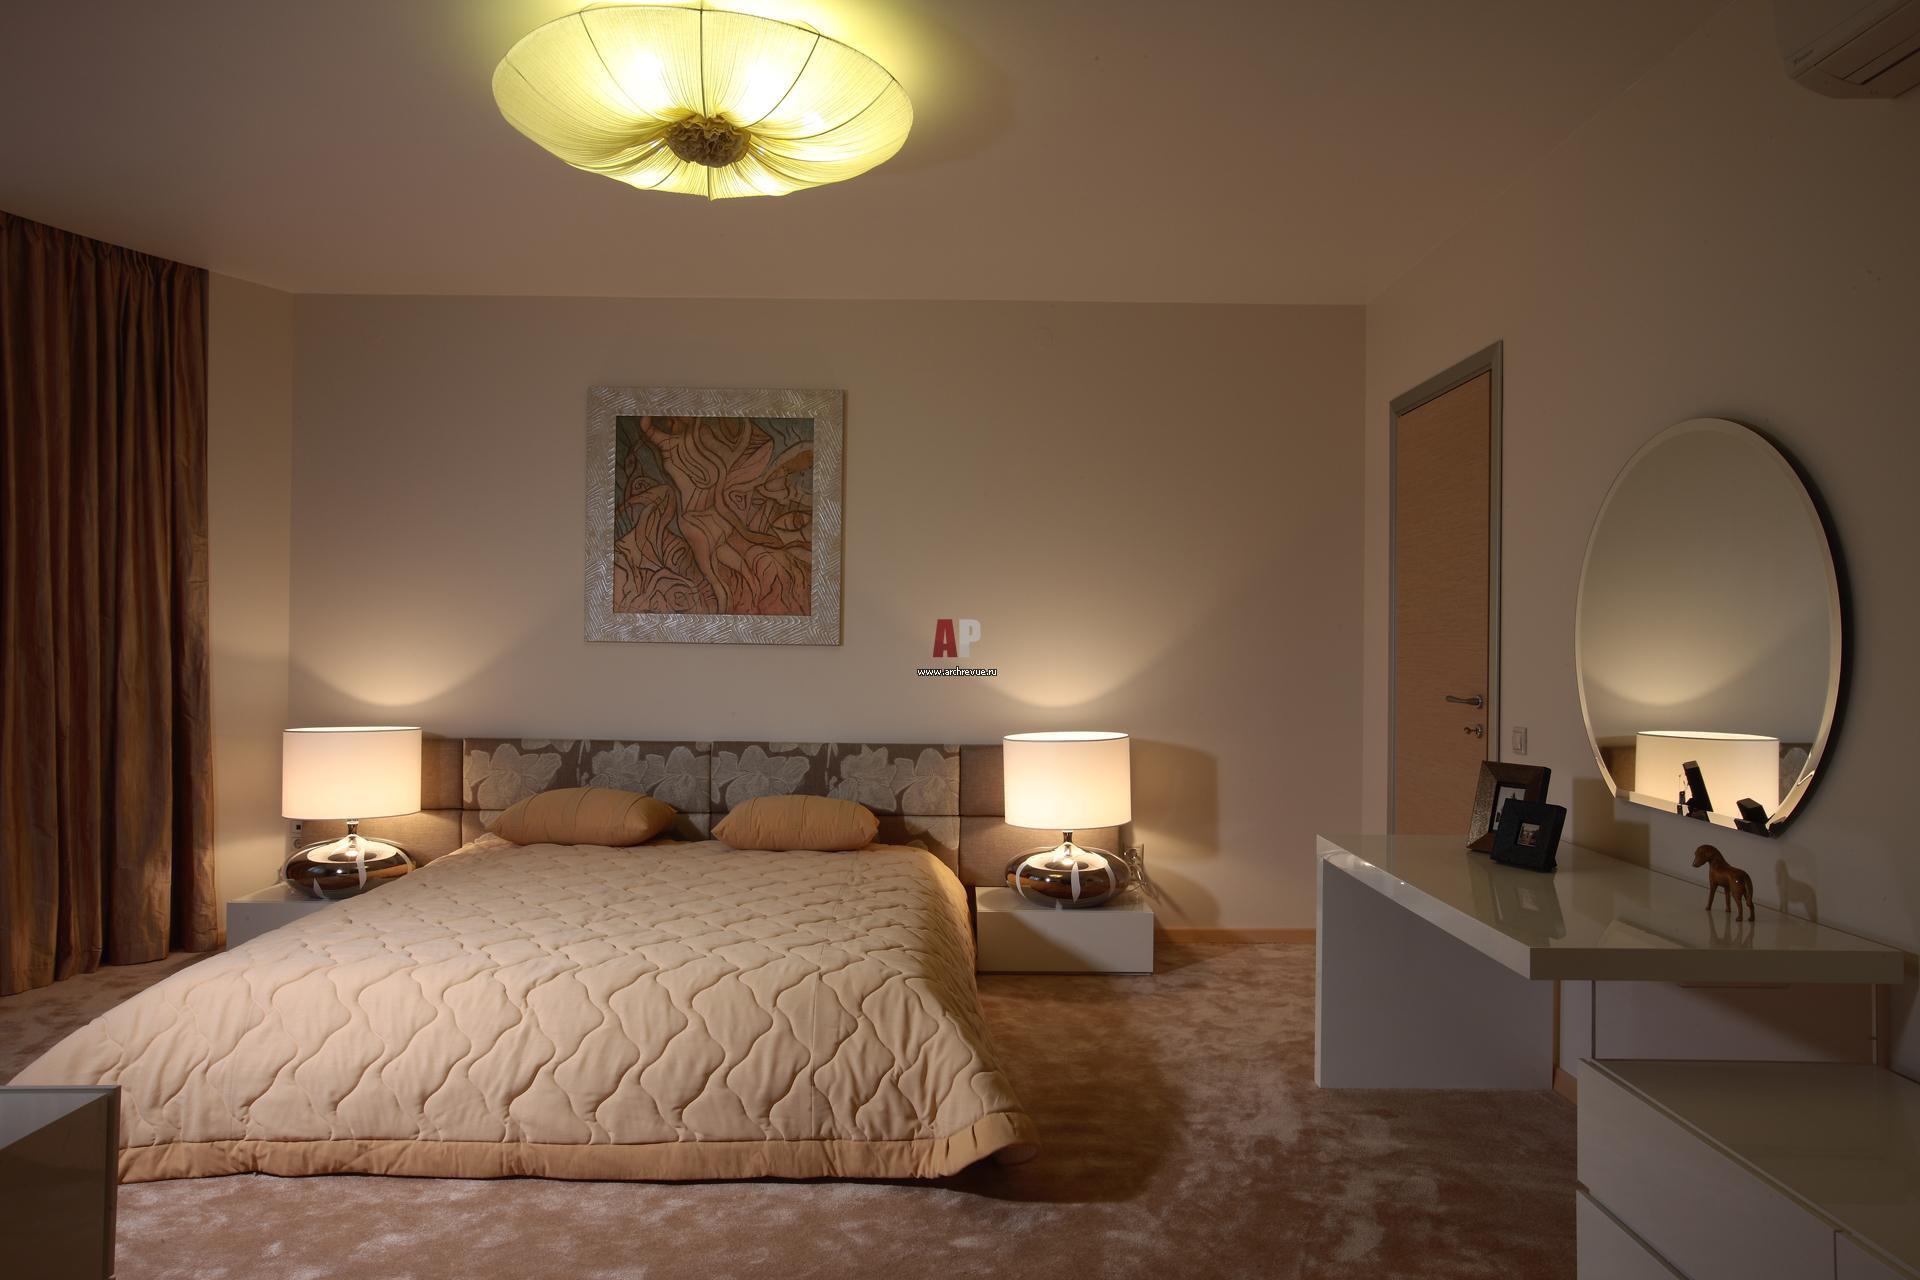 Светильники в спальне фото дизайн